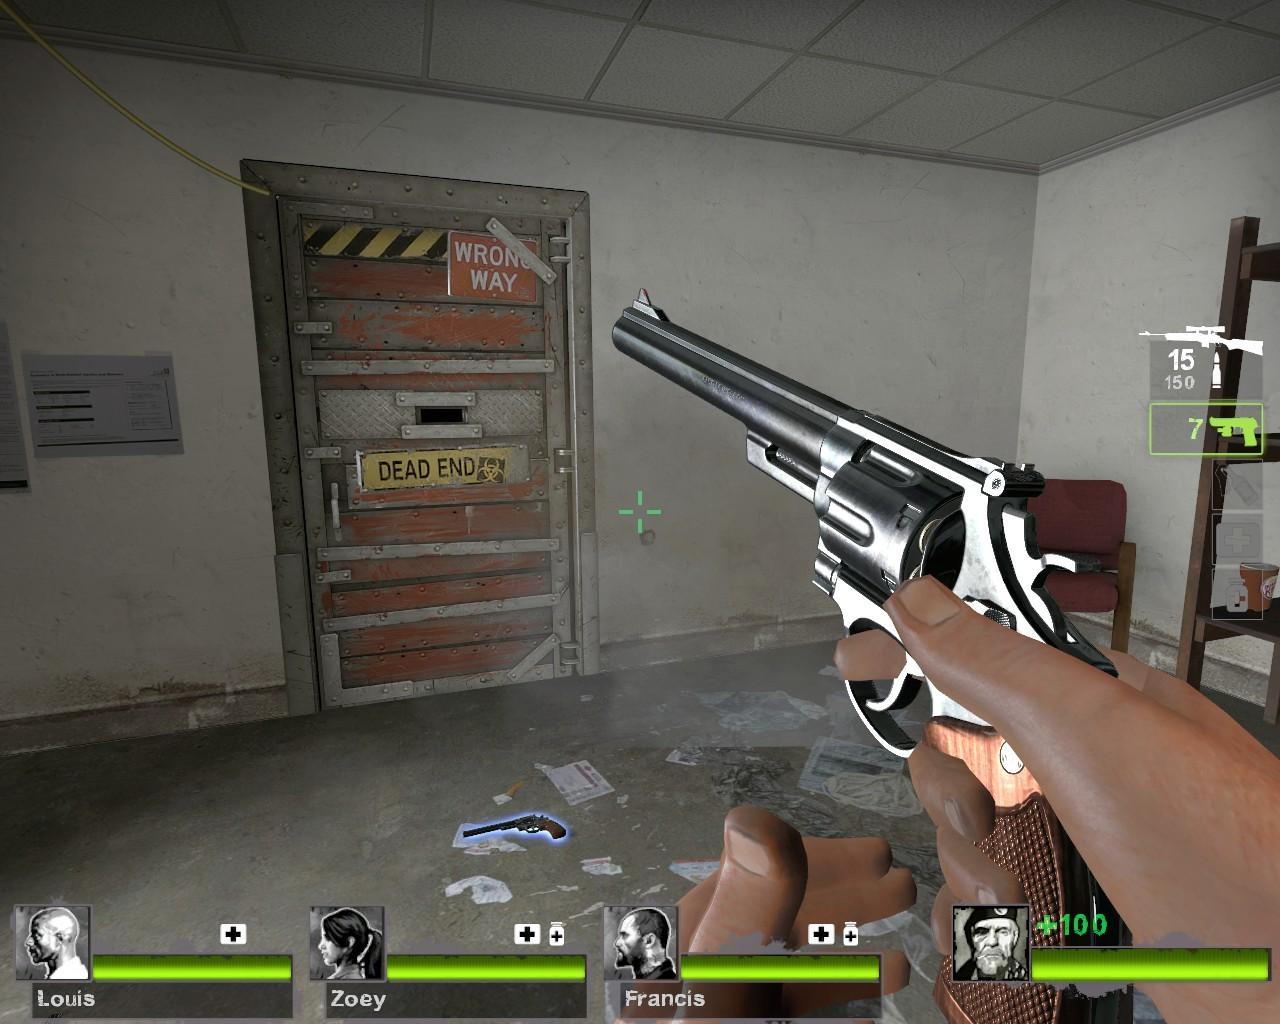 Гаррис мод Left 4 Dead 2 аддон на оружие скачать бесплатно